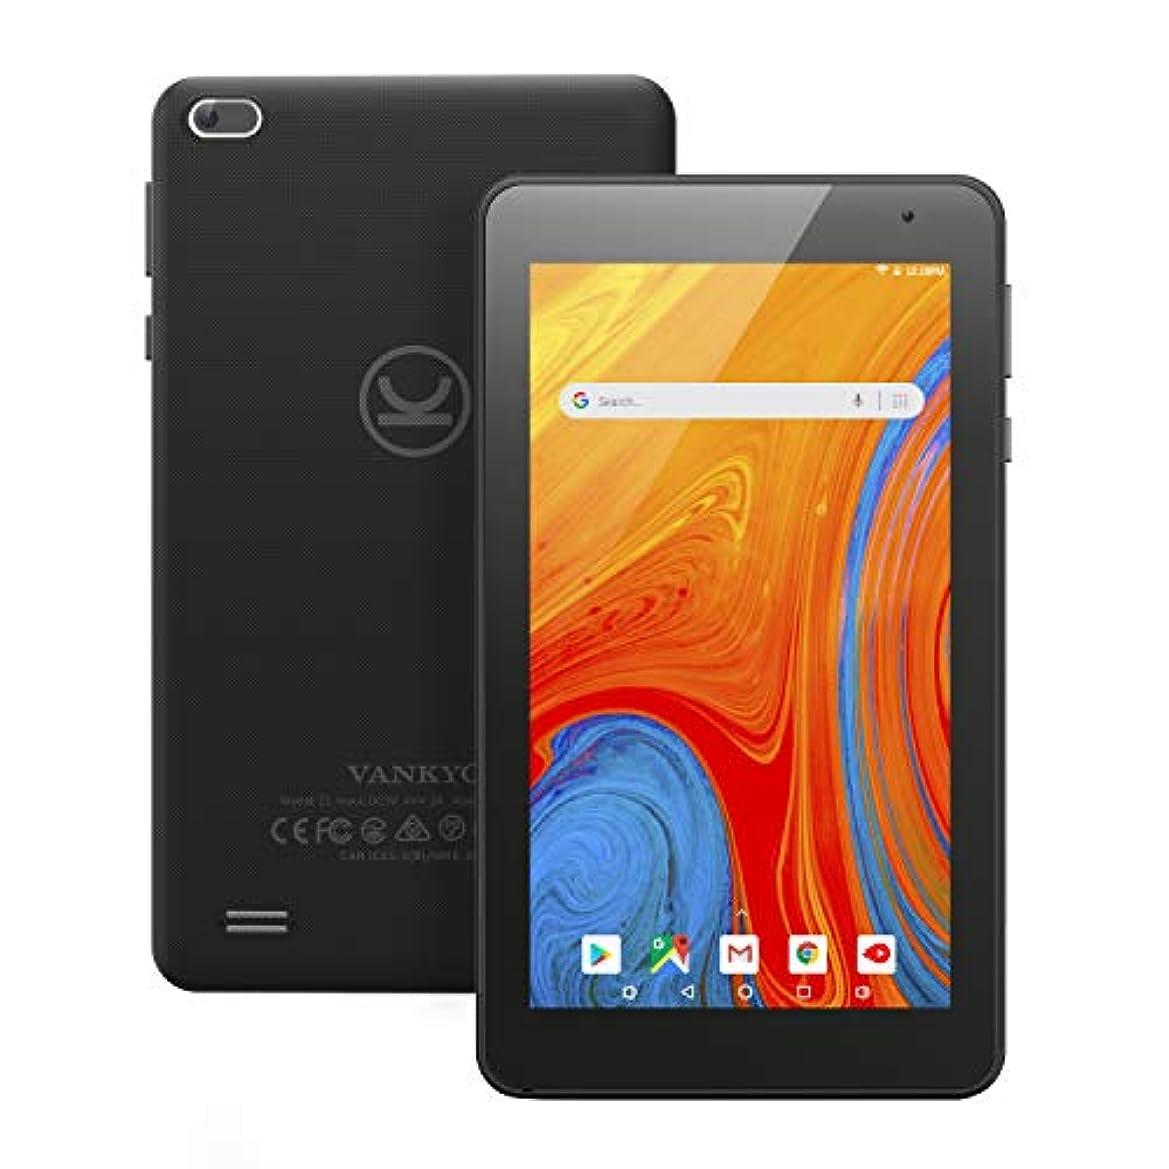 翻訳するテクニカルラショナルVankyo タブレット 7インチ Android8.1 WIFiモデルROM32GB子供にも適当 贈り物